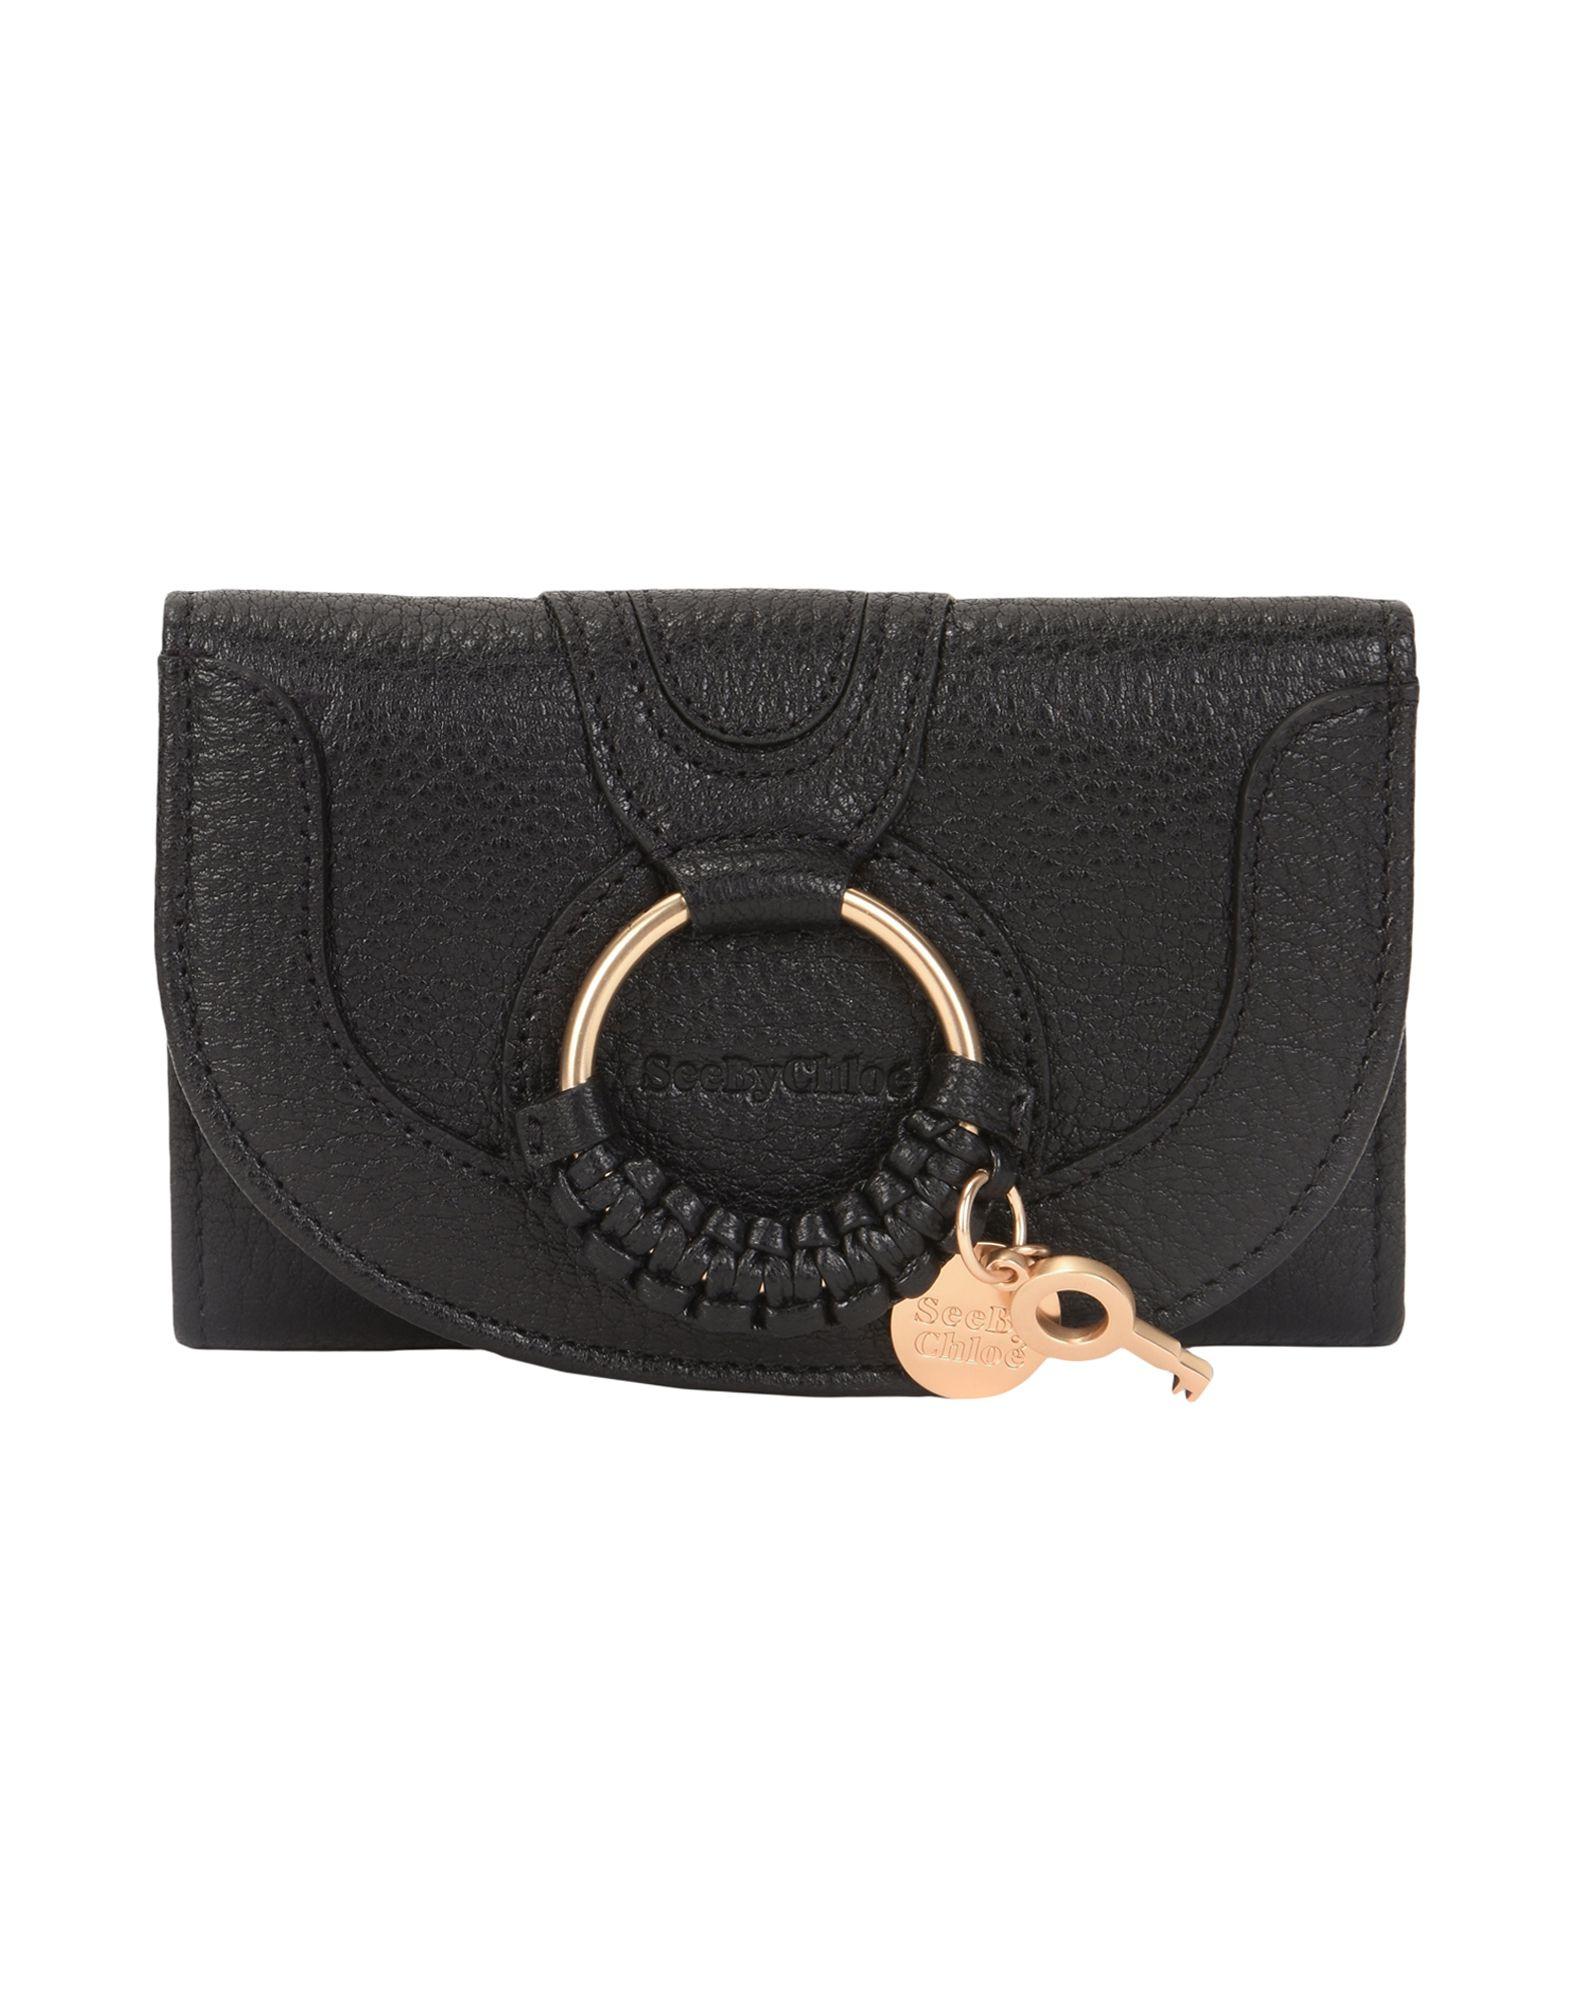 レディース SEE BY CHLO hana complete medium wallet 財布  ブラック